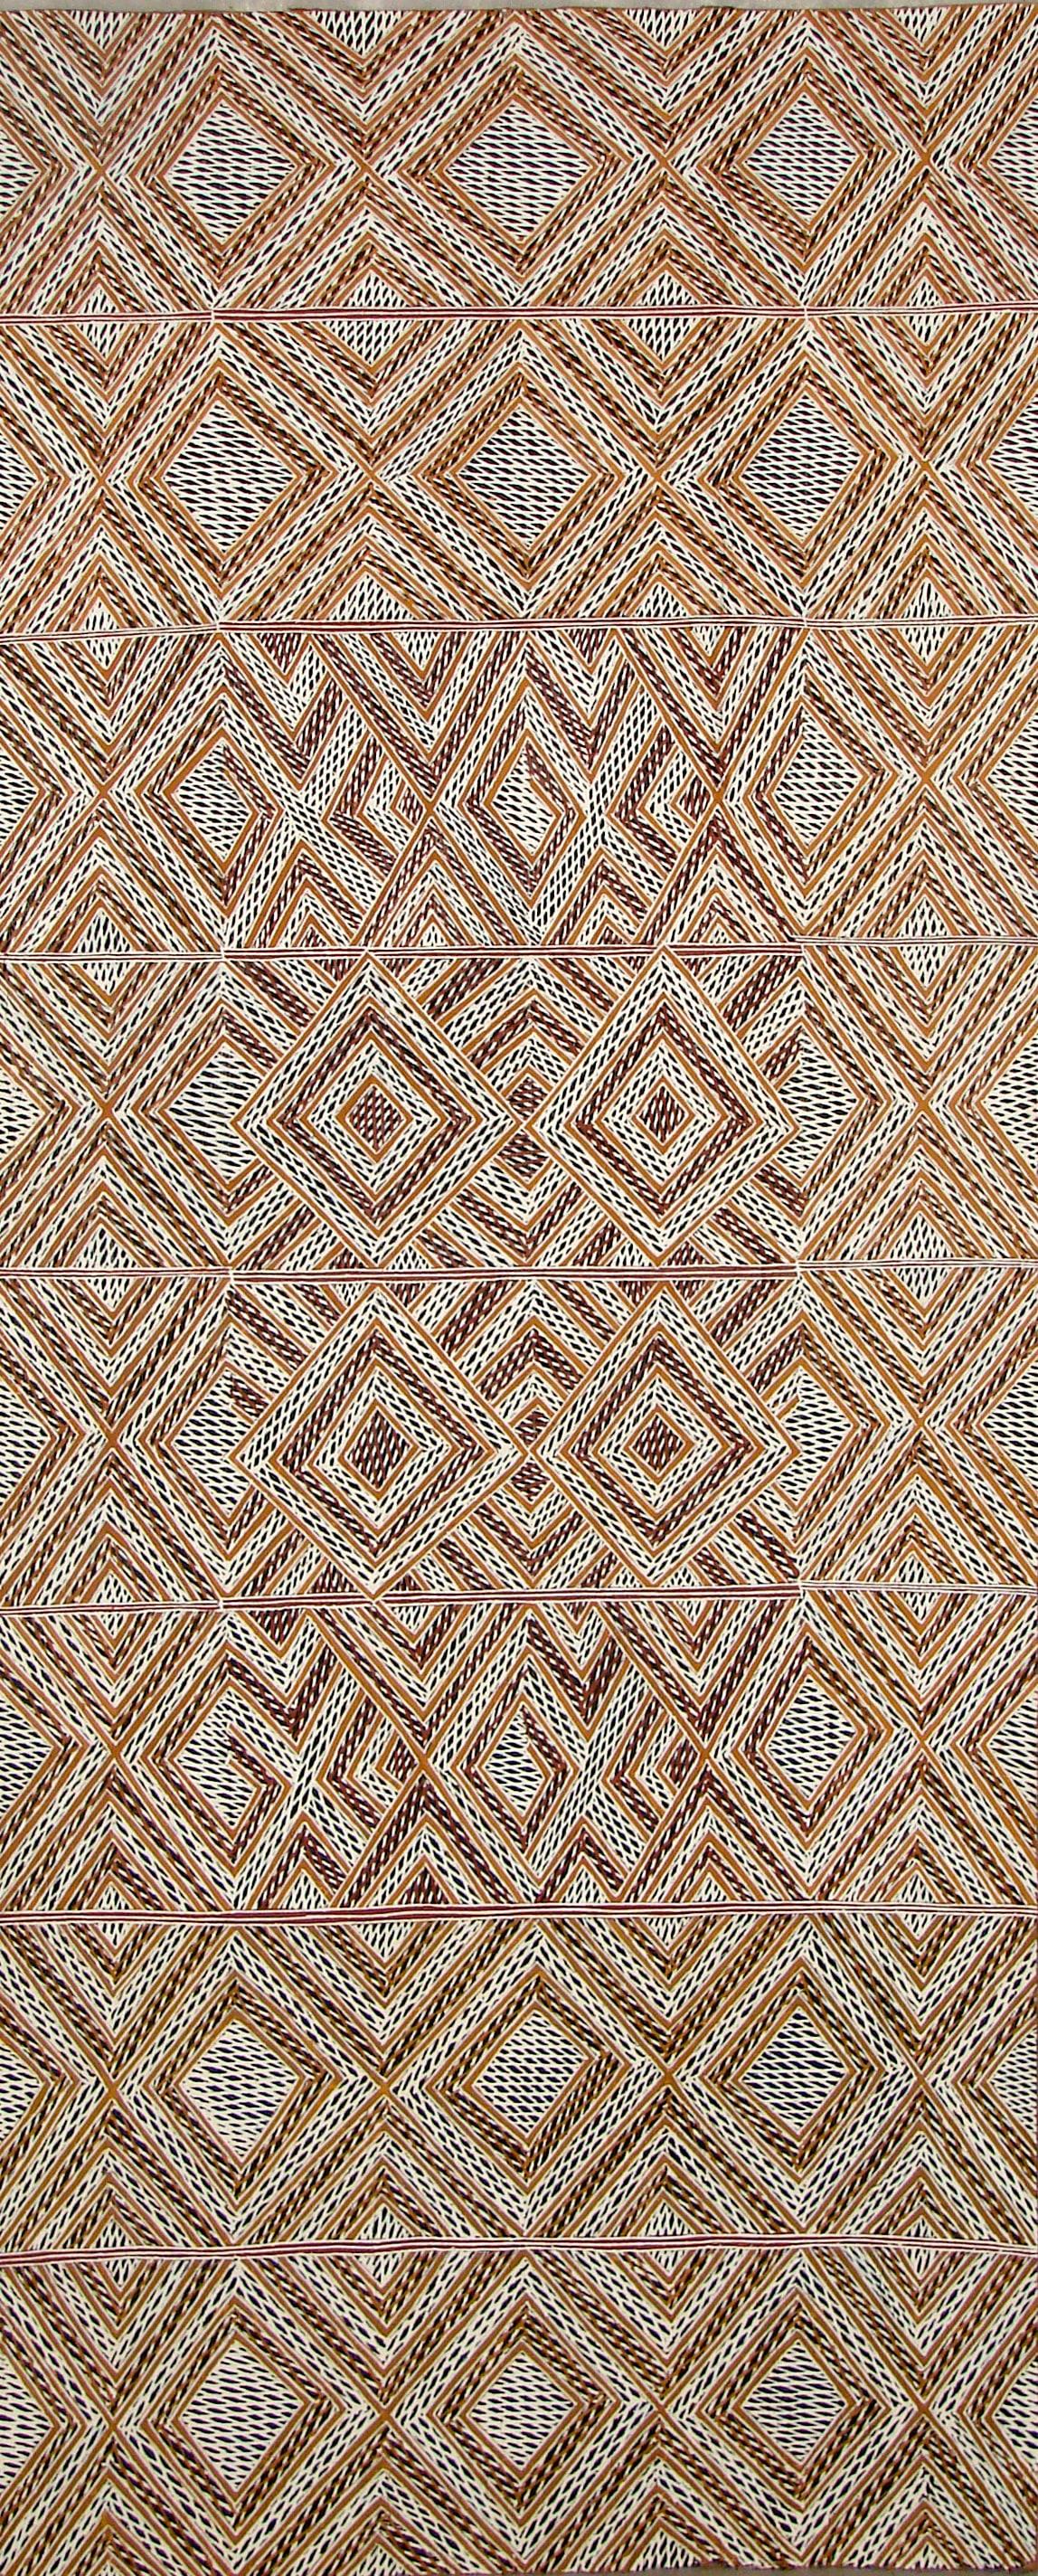 Garawan Wanambi Marranu Miny'tji natural earth pigment on bark 121 x 49 cm